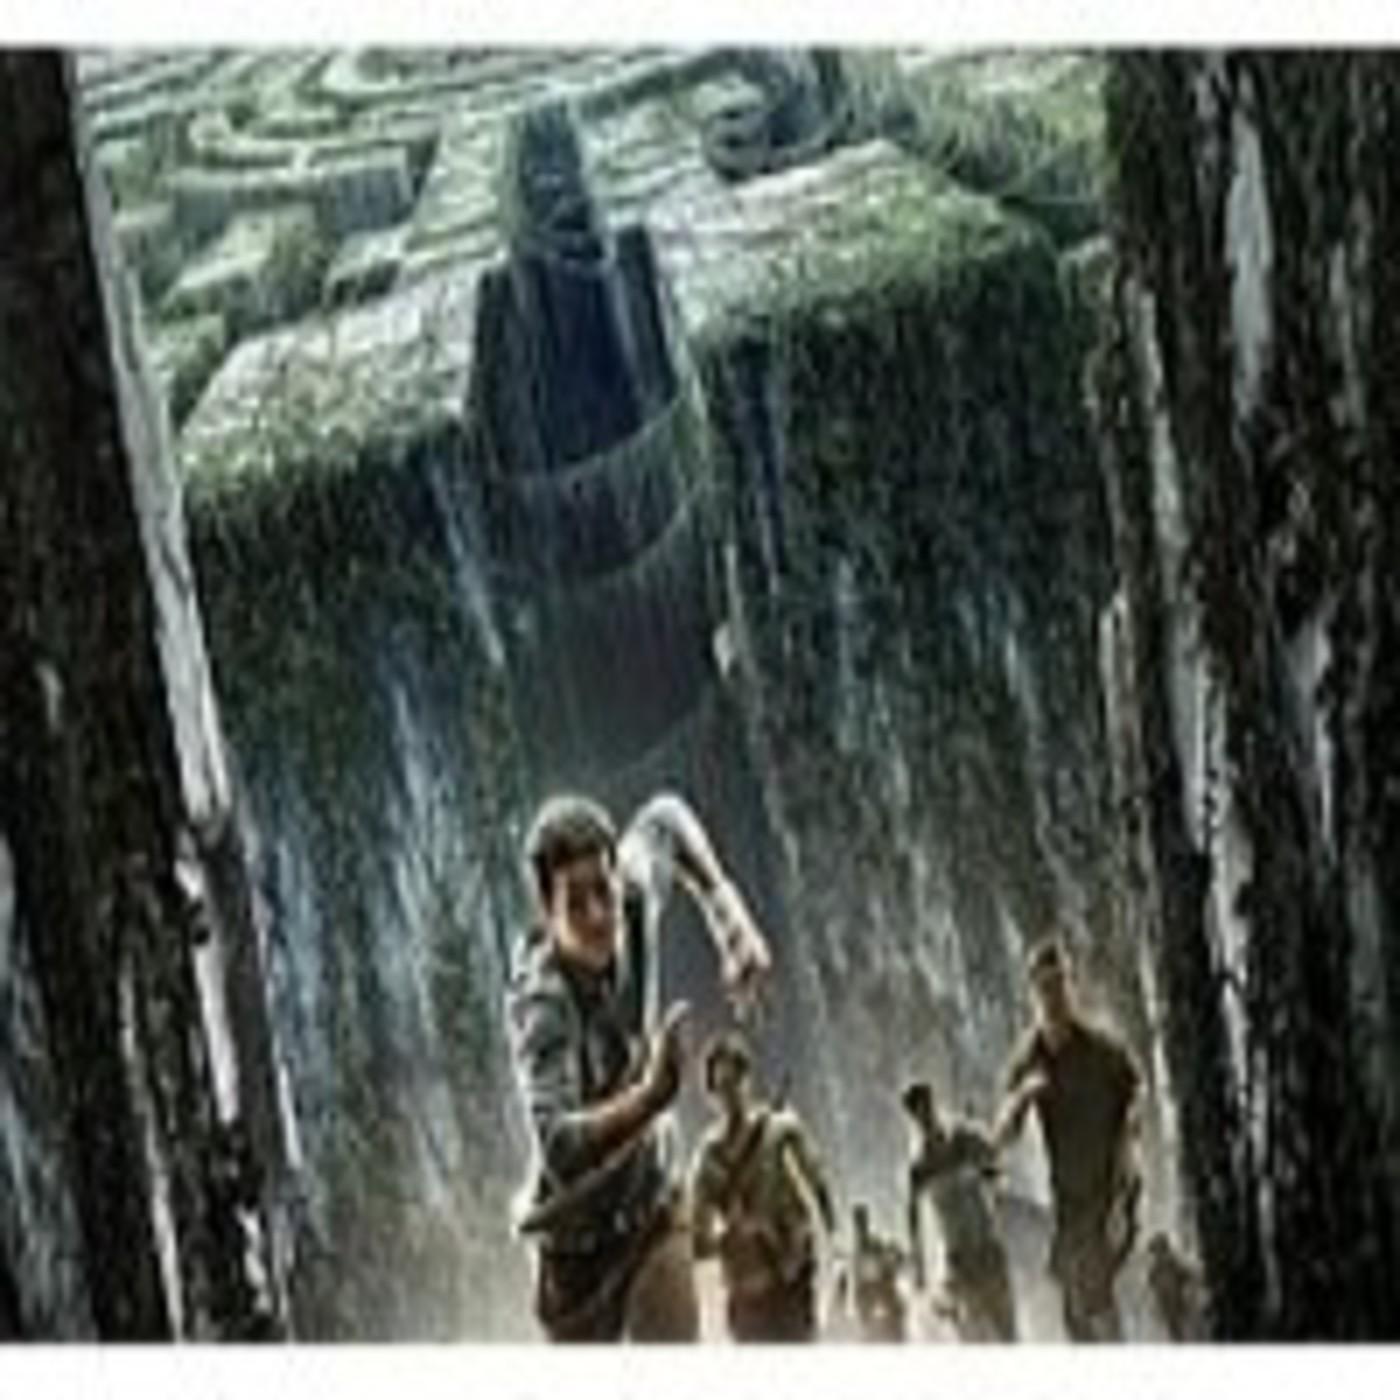 El corredor del laberinto. Estrenos de cine del 19 de Septiembre de 2014